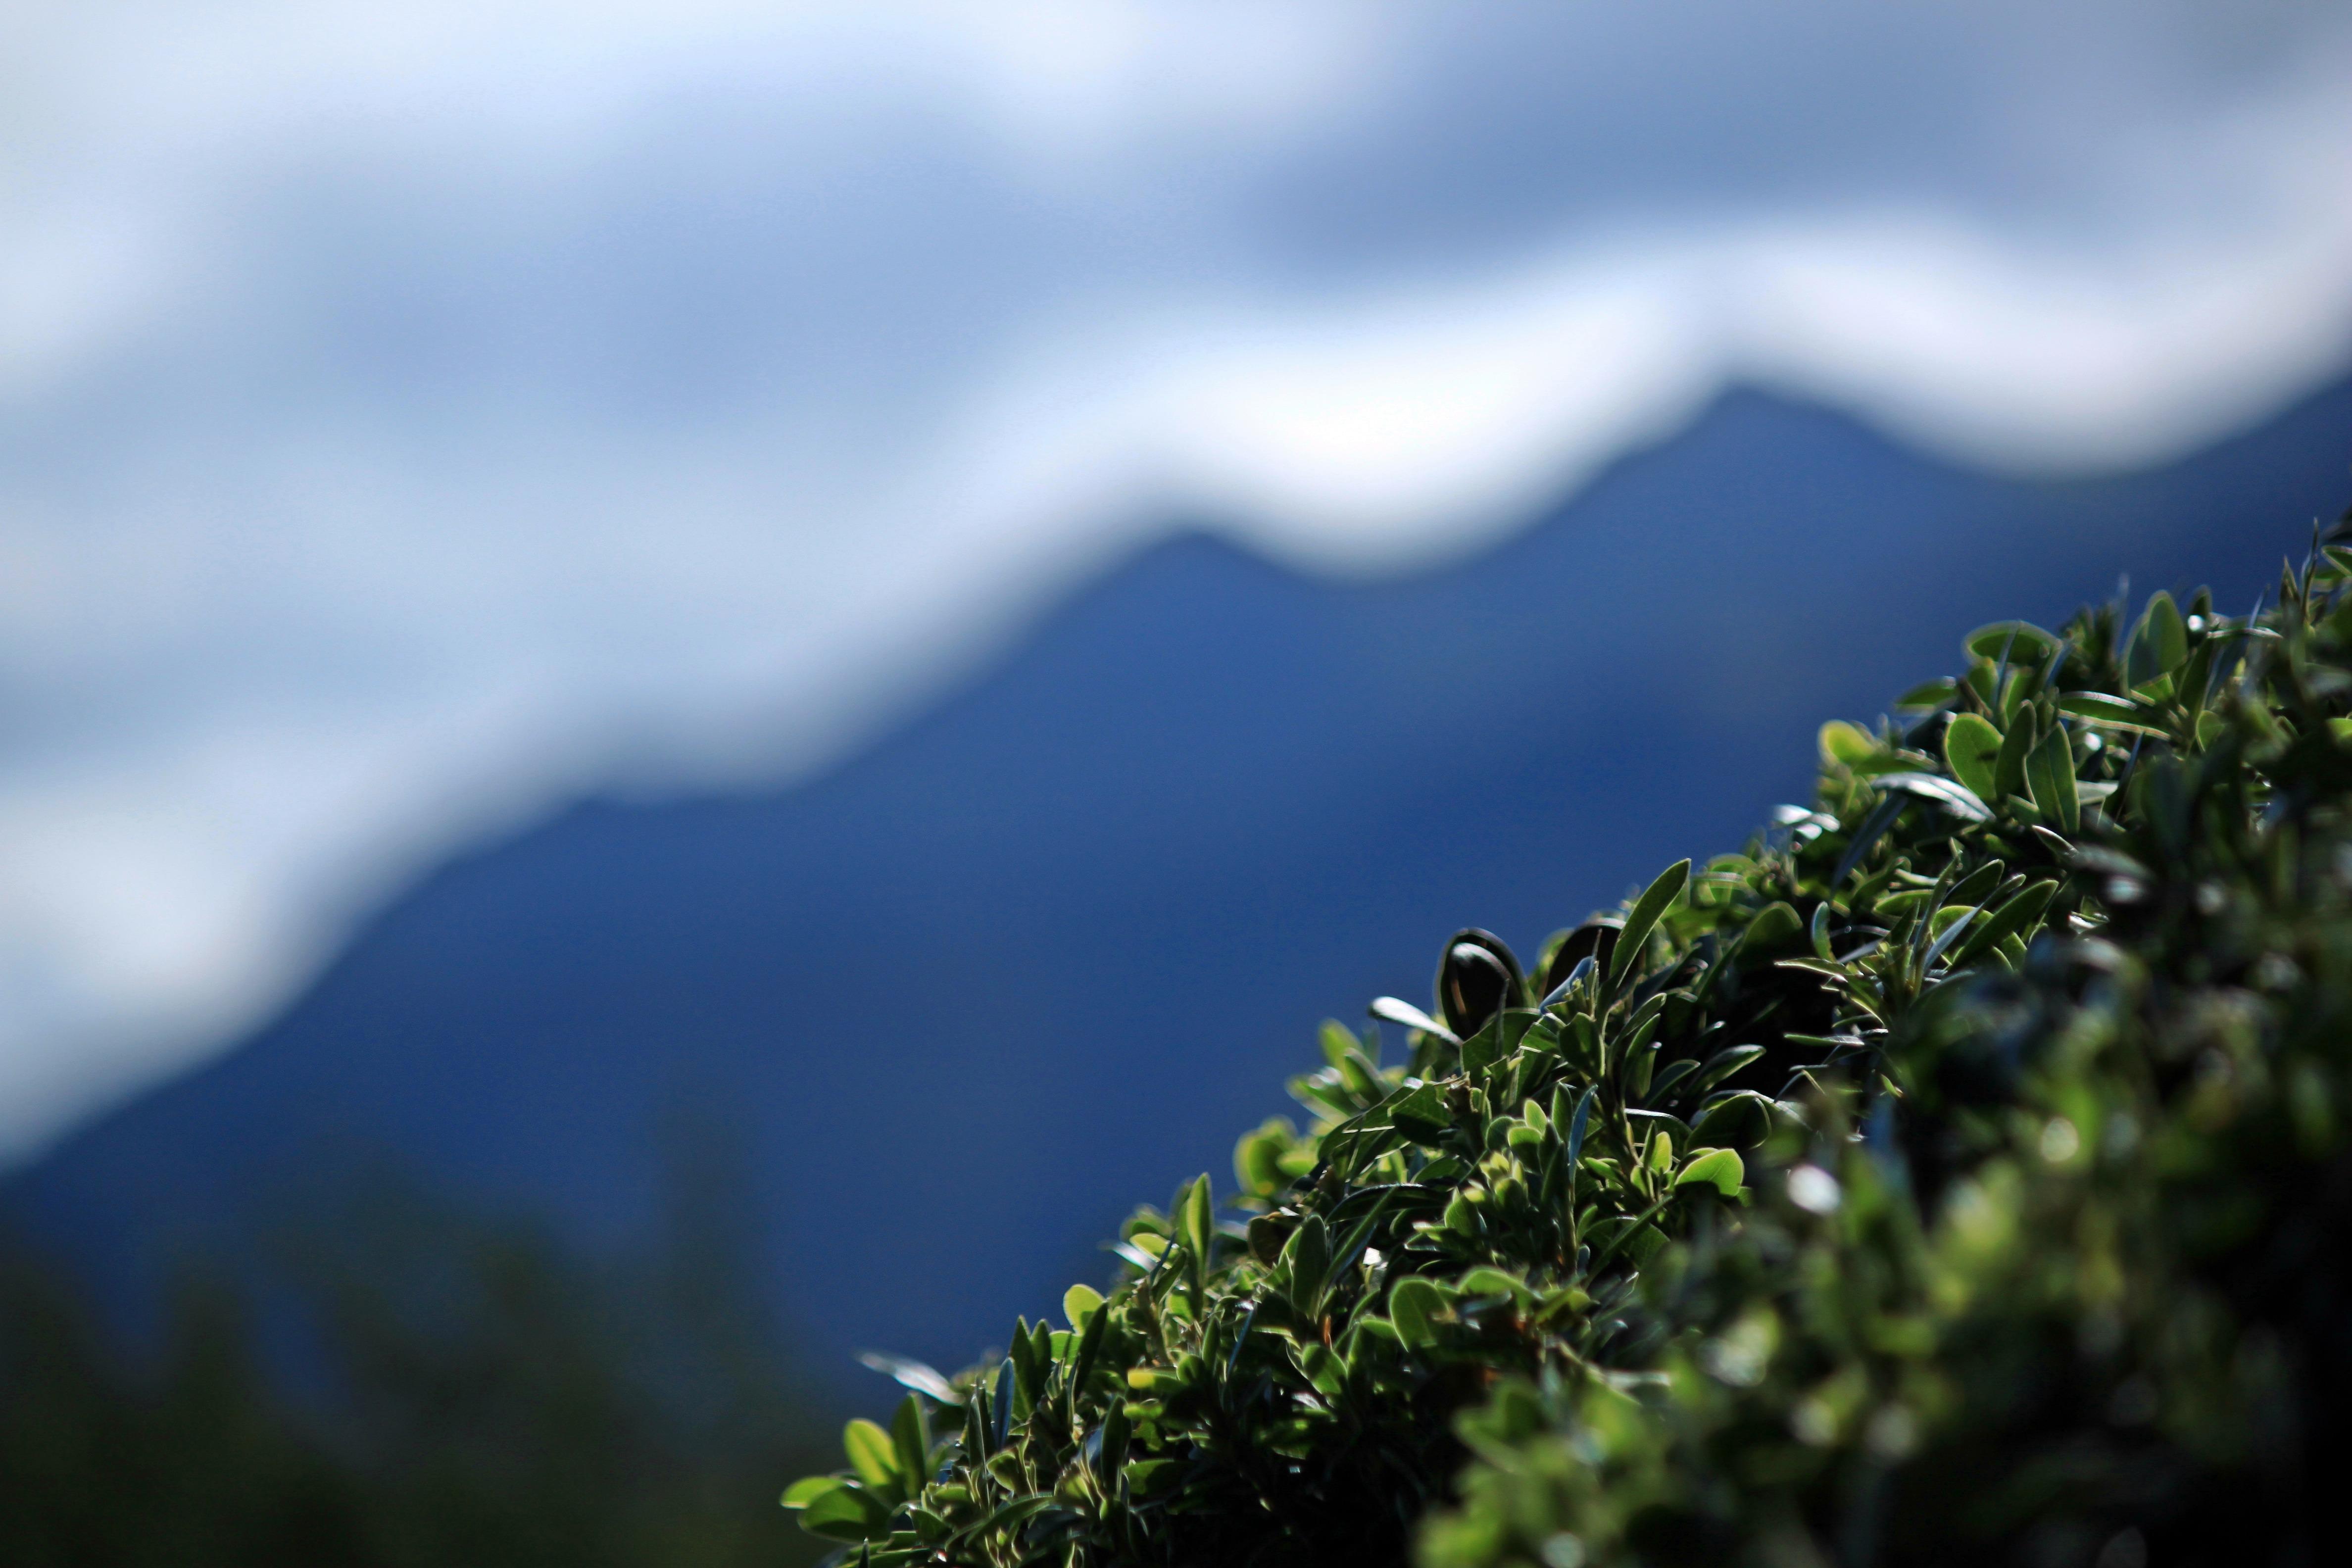 Gambar Pemandangan Hutan Gunung Cahaya Awan Menanam Langit